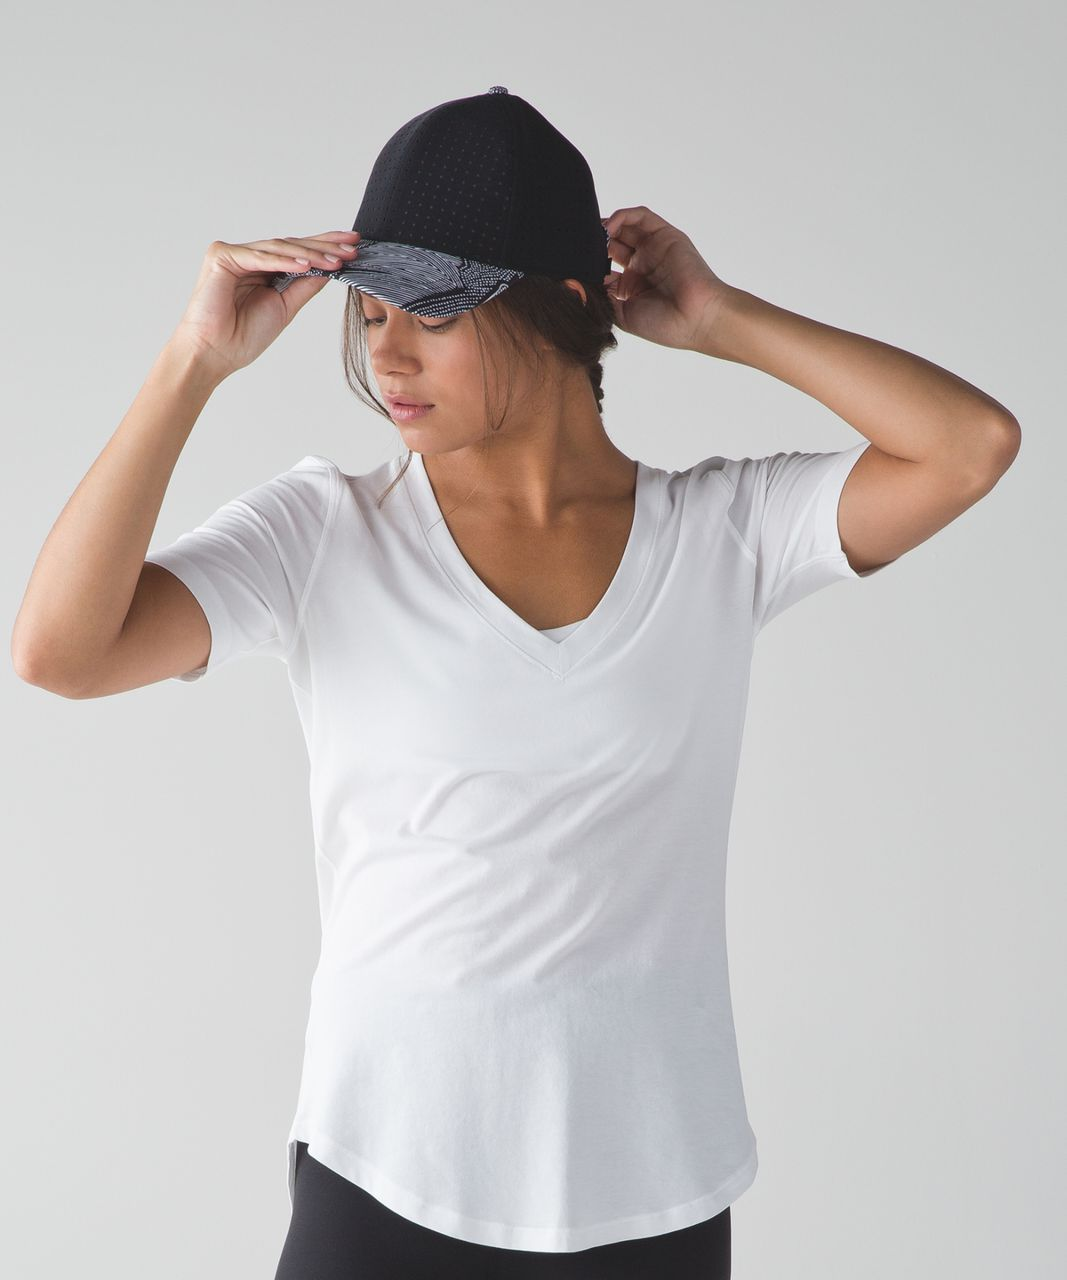 Lululemon Baller Hat (Perforated) - Black / Dottie Tribe White Black